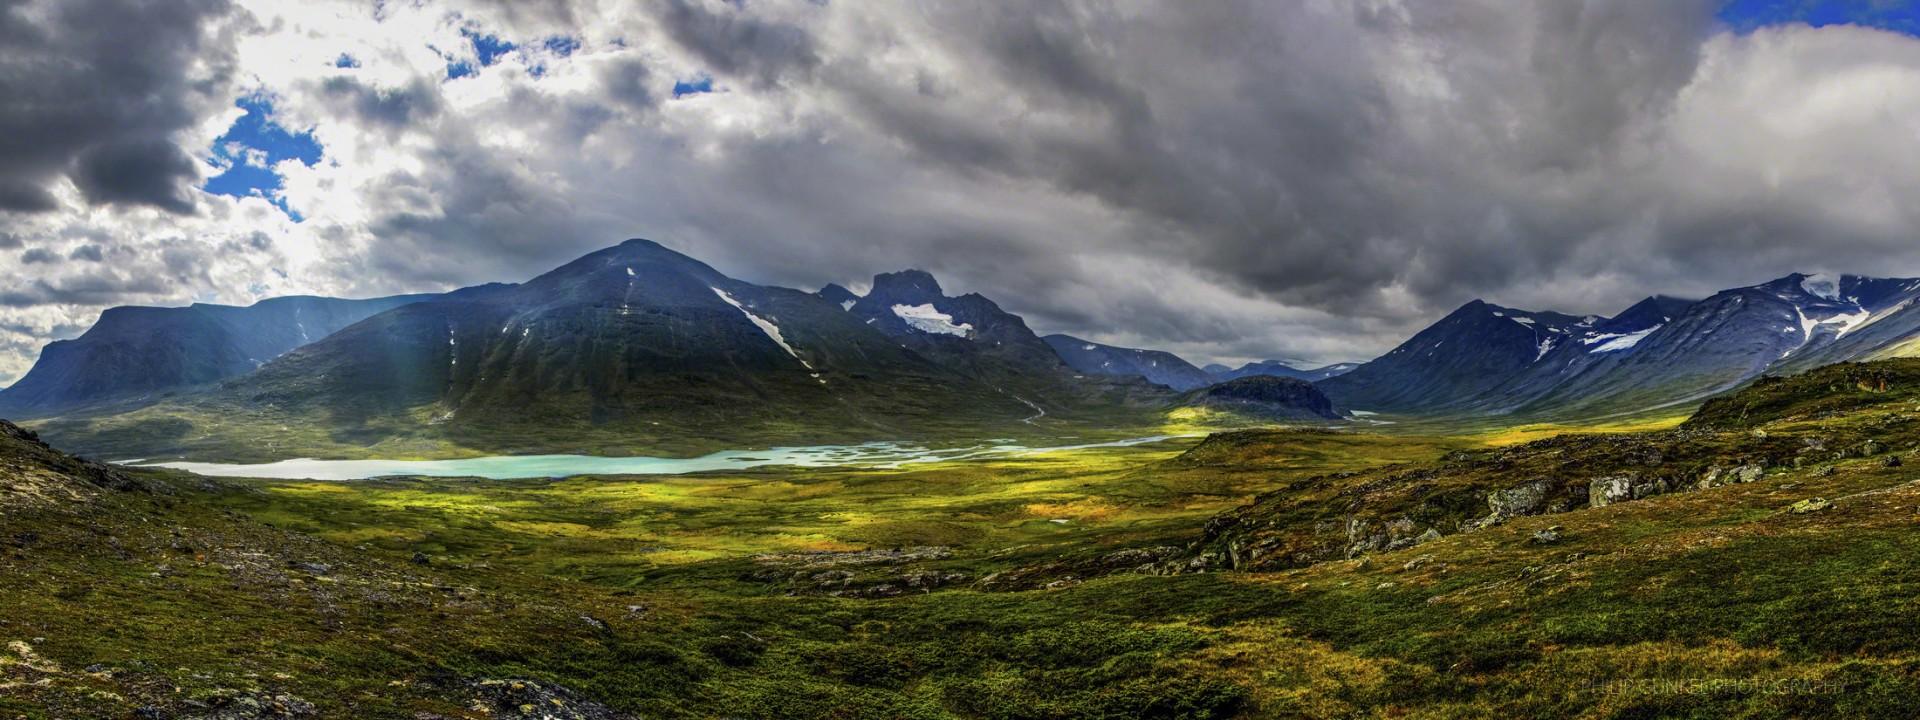 panorama_philip_gunkel_photographie_www.philipgunkel.de-20